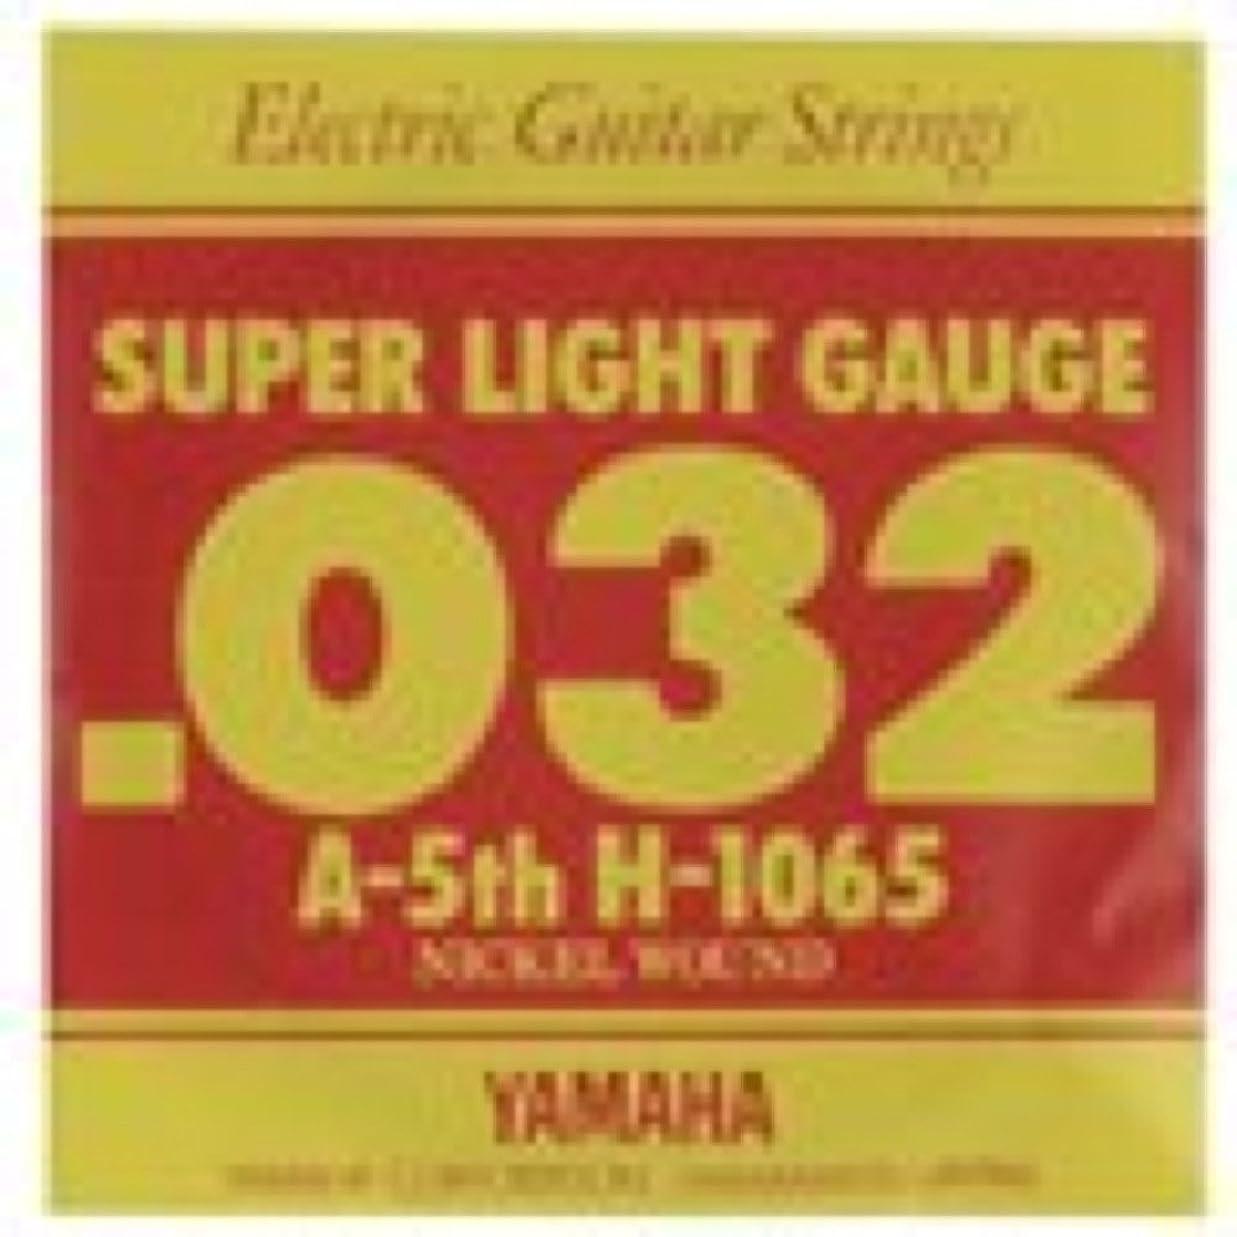 魔女パーティー売り手YAMAHA H1065 エレキギター用 バラ弦 5弦